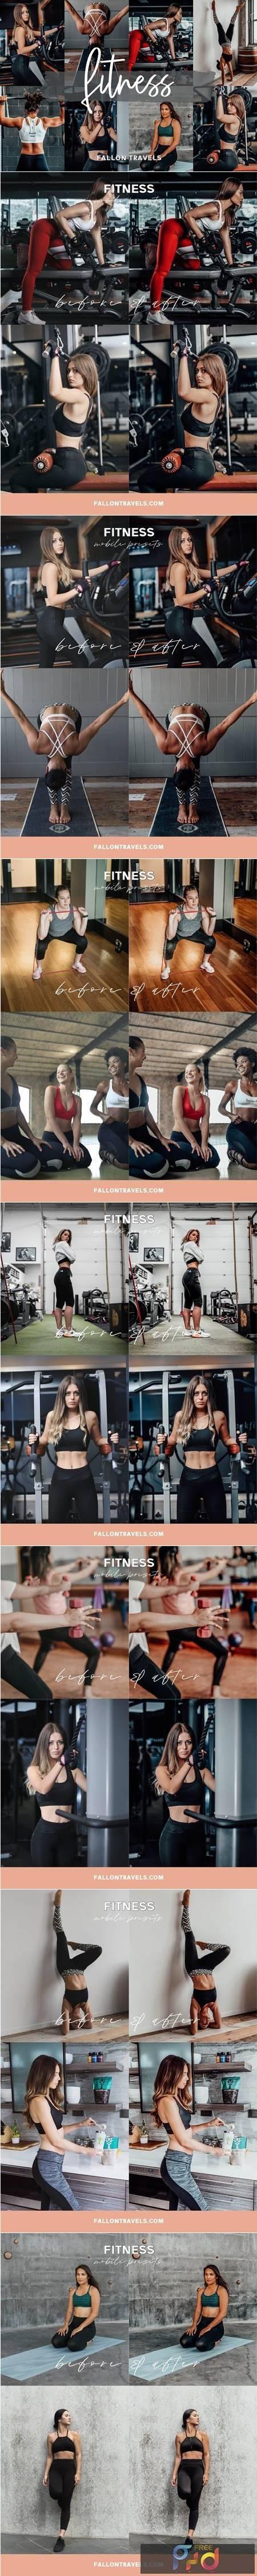 Fitness Lightroom Mobile Presets 5014174 1